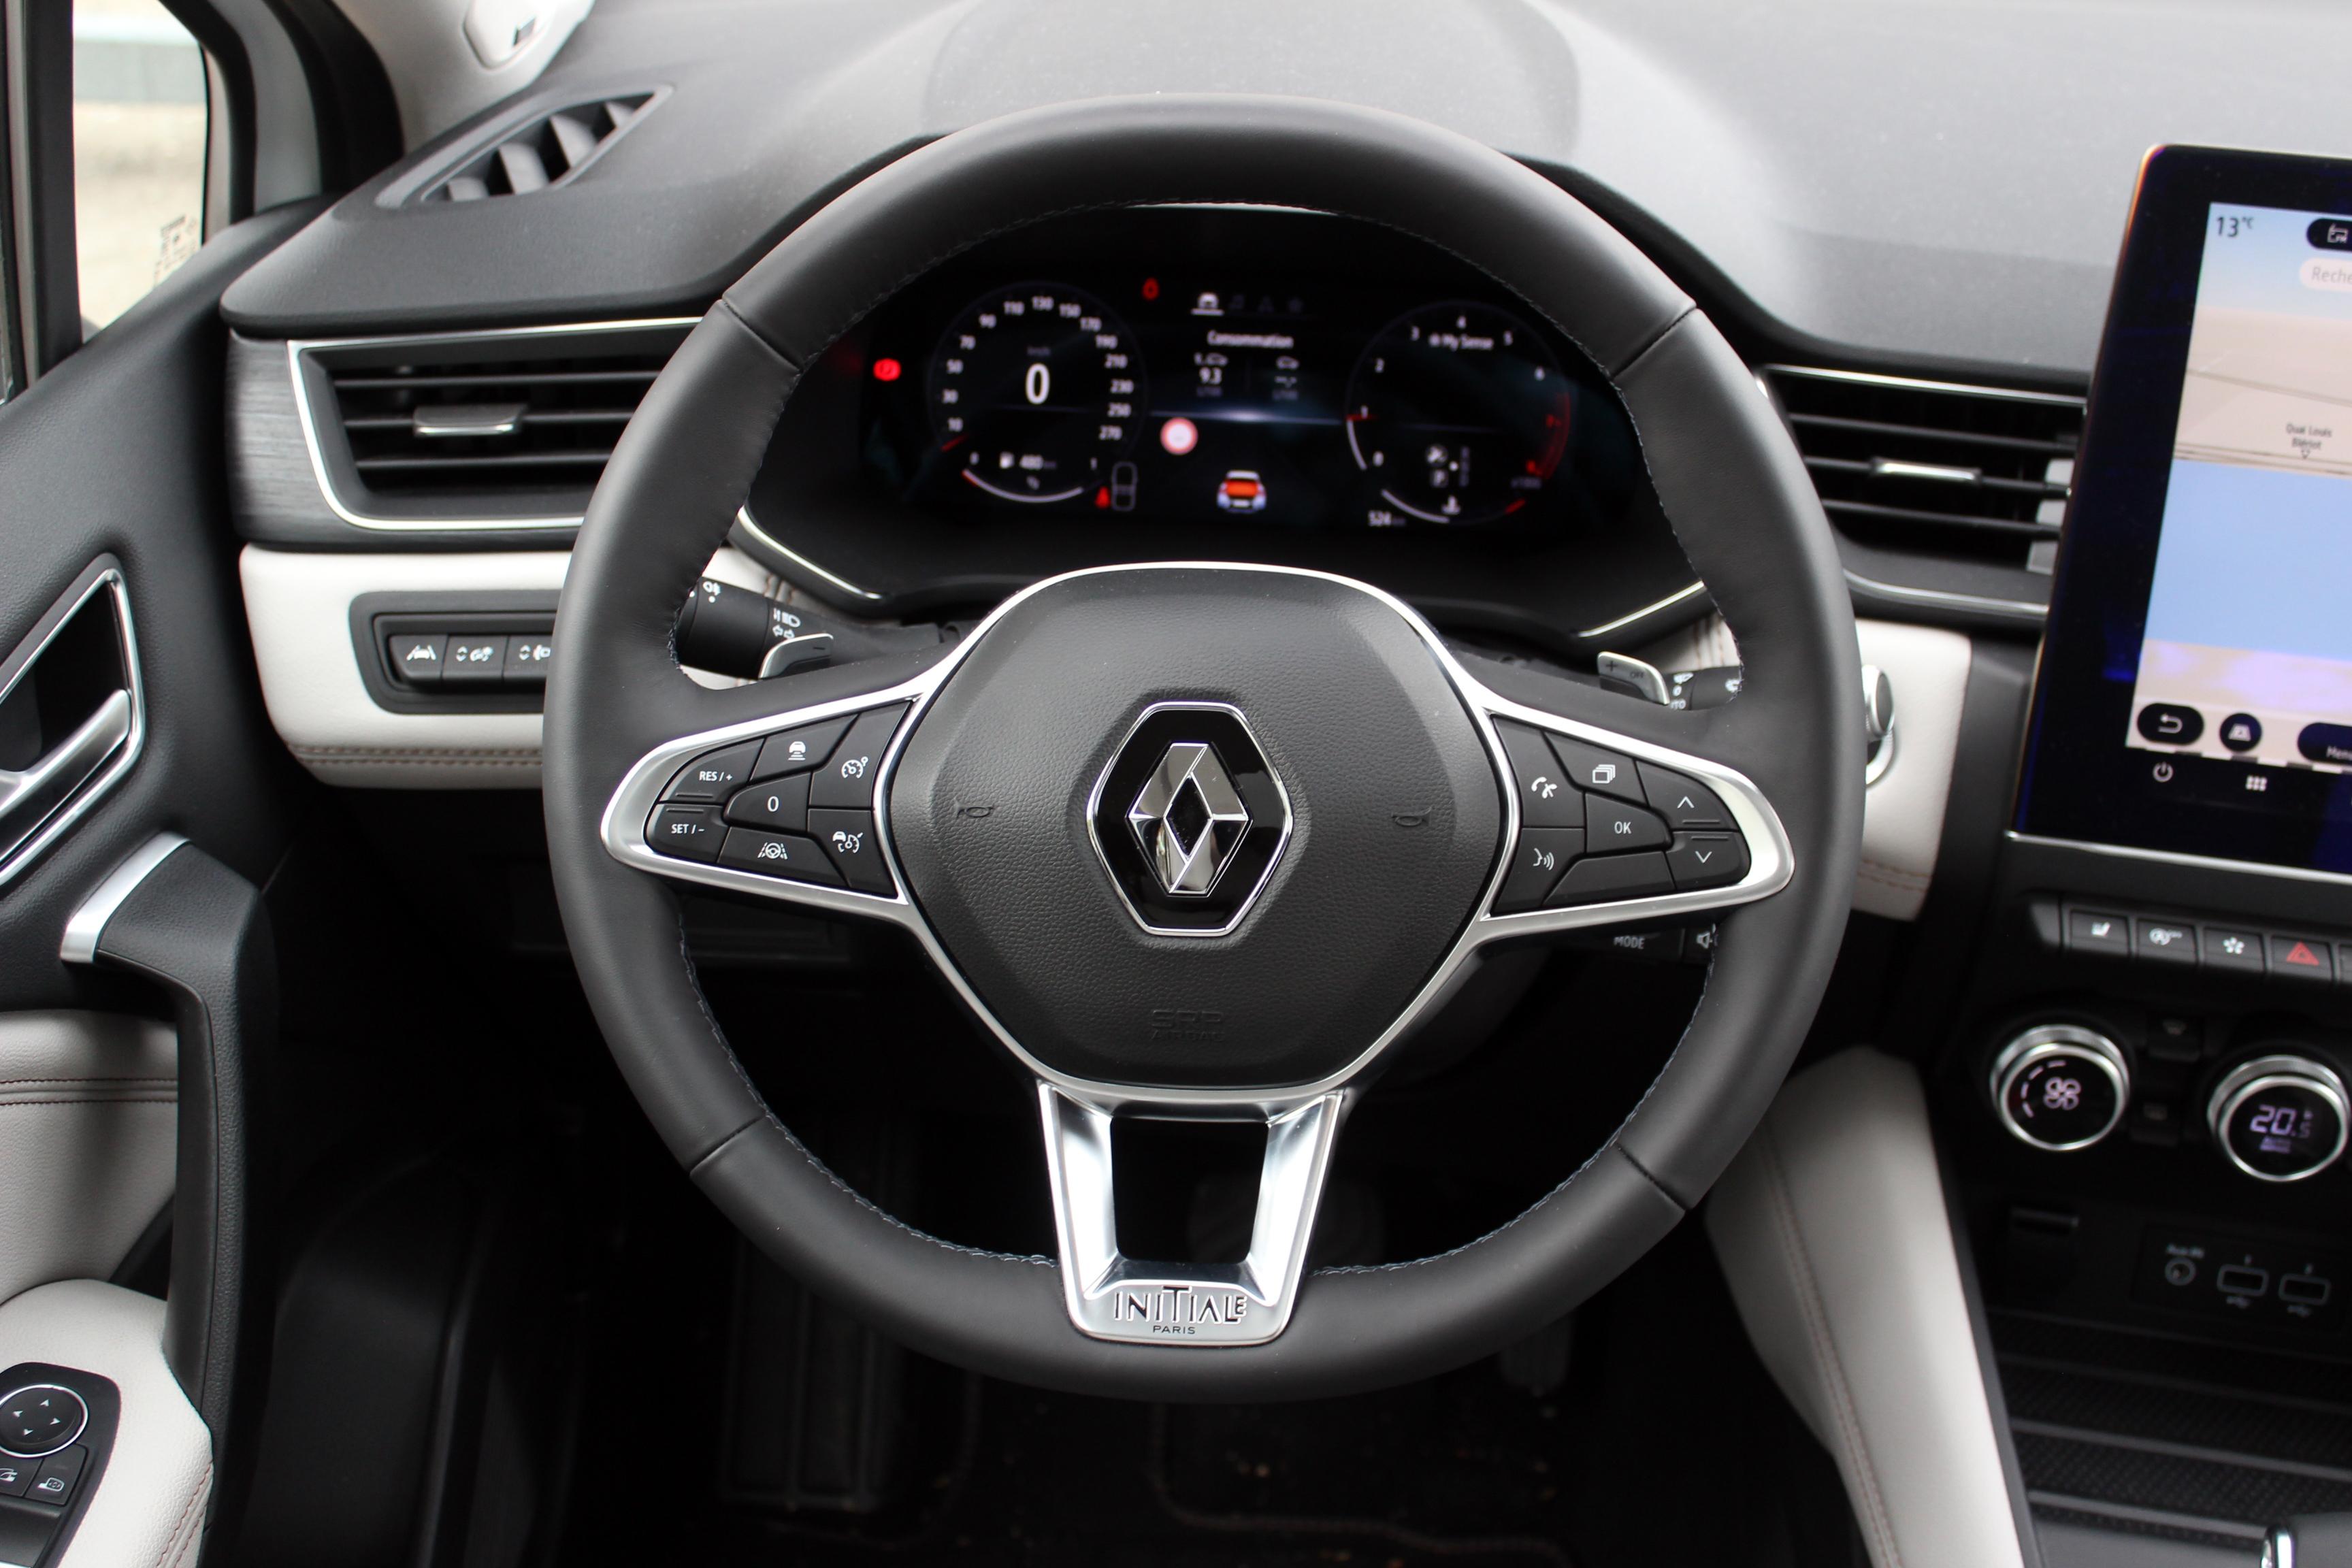 2019 - [Renault]  Captur II [HJB]  - Page 11 S0-essai-renault-captur-tce-155-ch-initiale-paris-que-vaut-le-captur-le-plus-puissant-et-le-plus-cher-610165